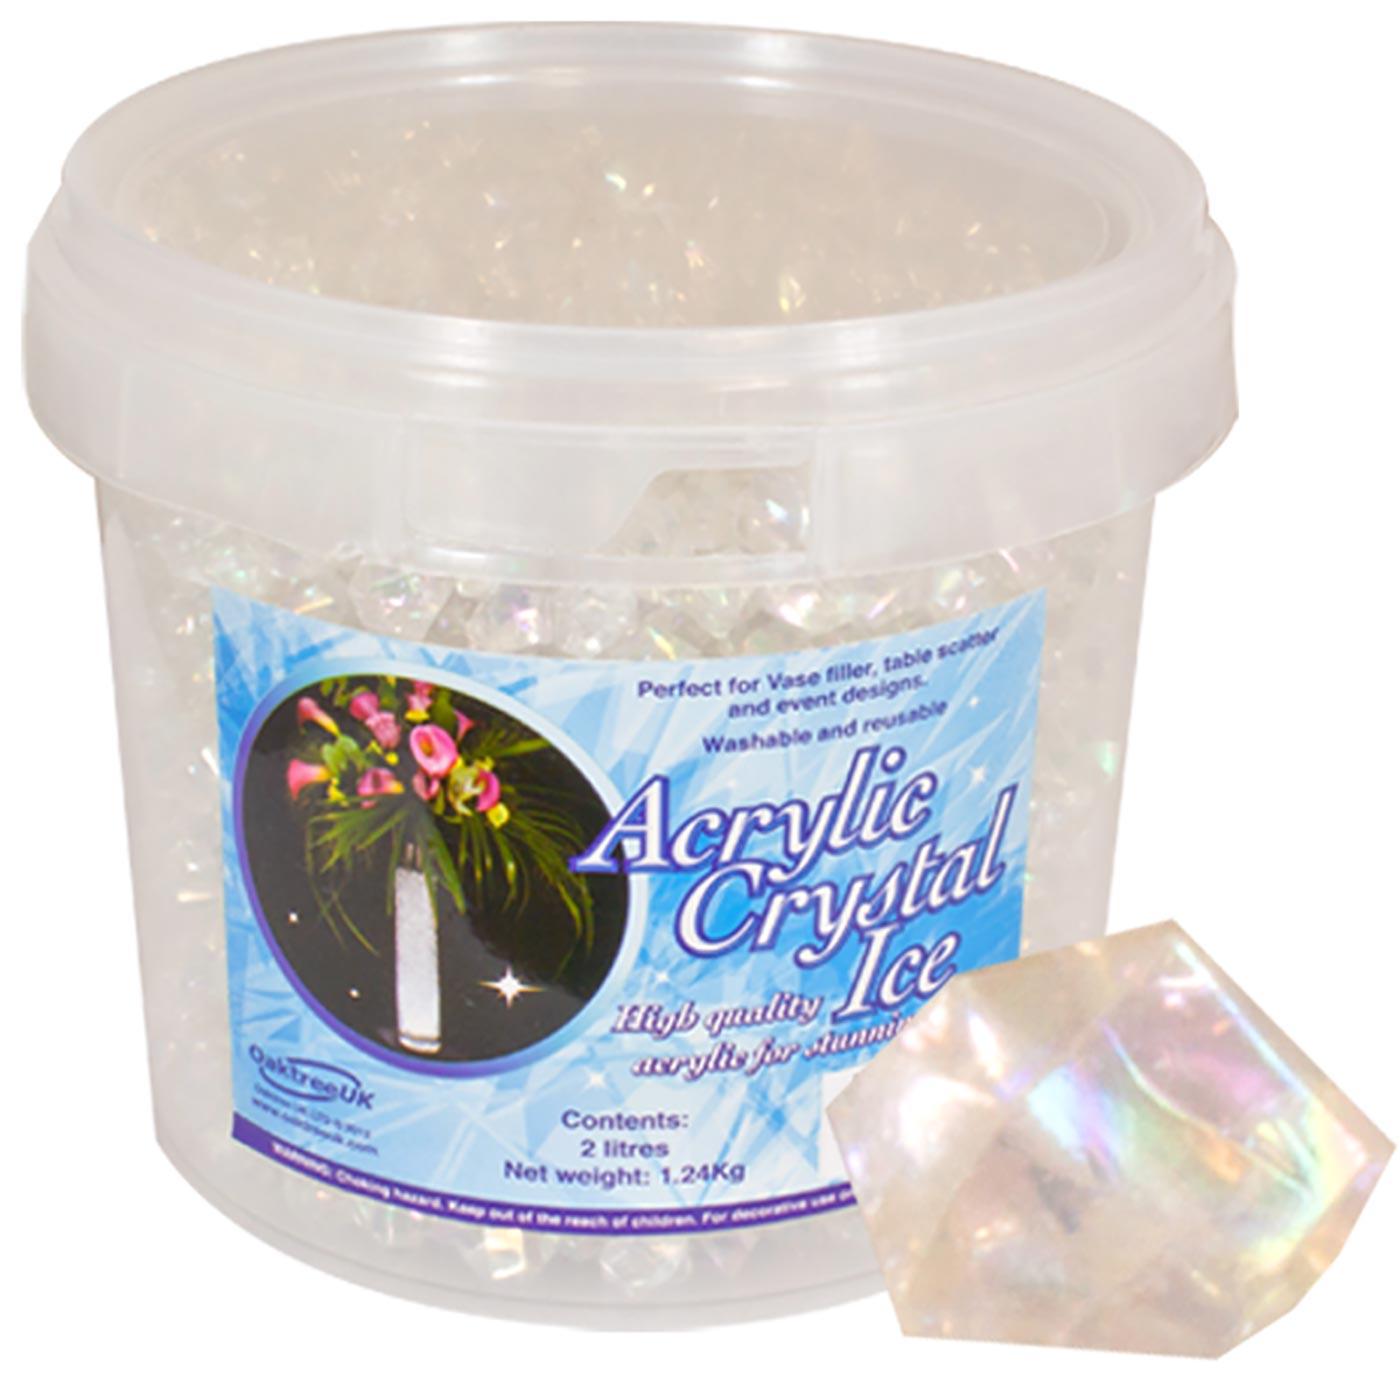 Acrylic Crystal Ice 1.4cm 2ltr 1.24Kg Iridescent